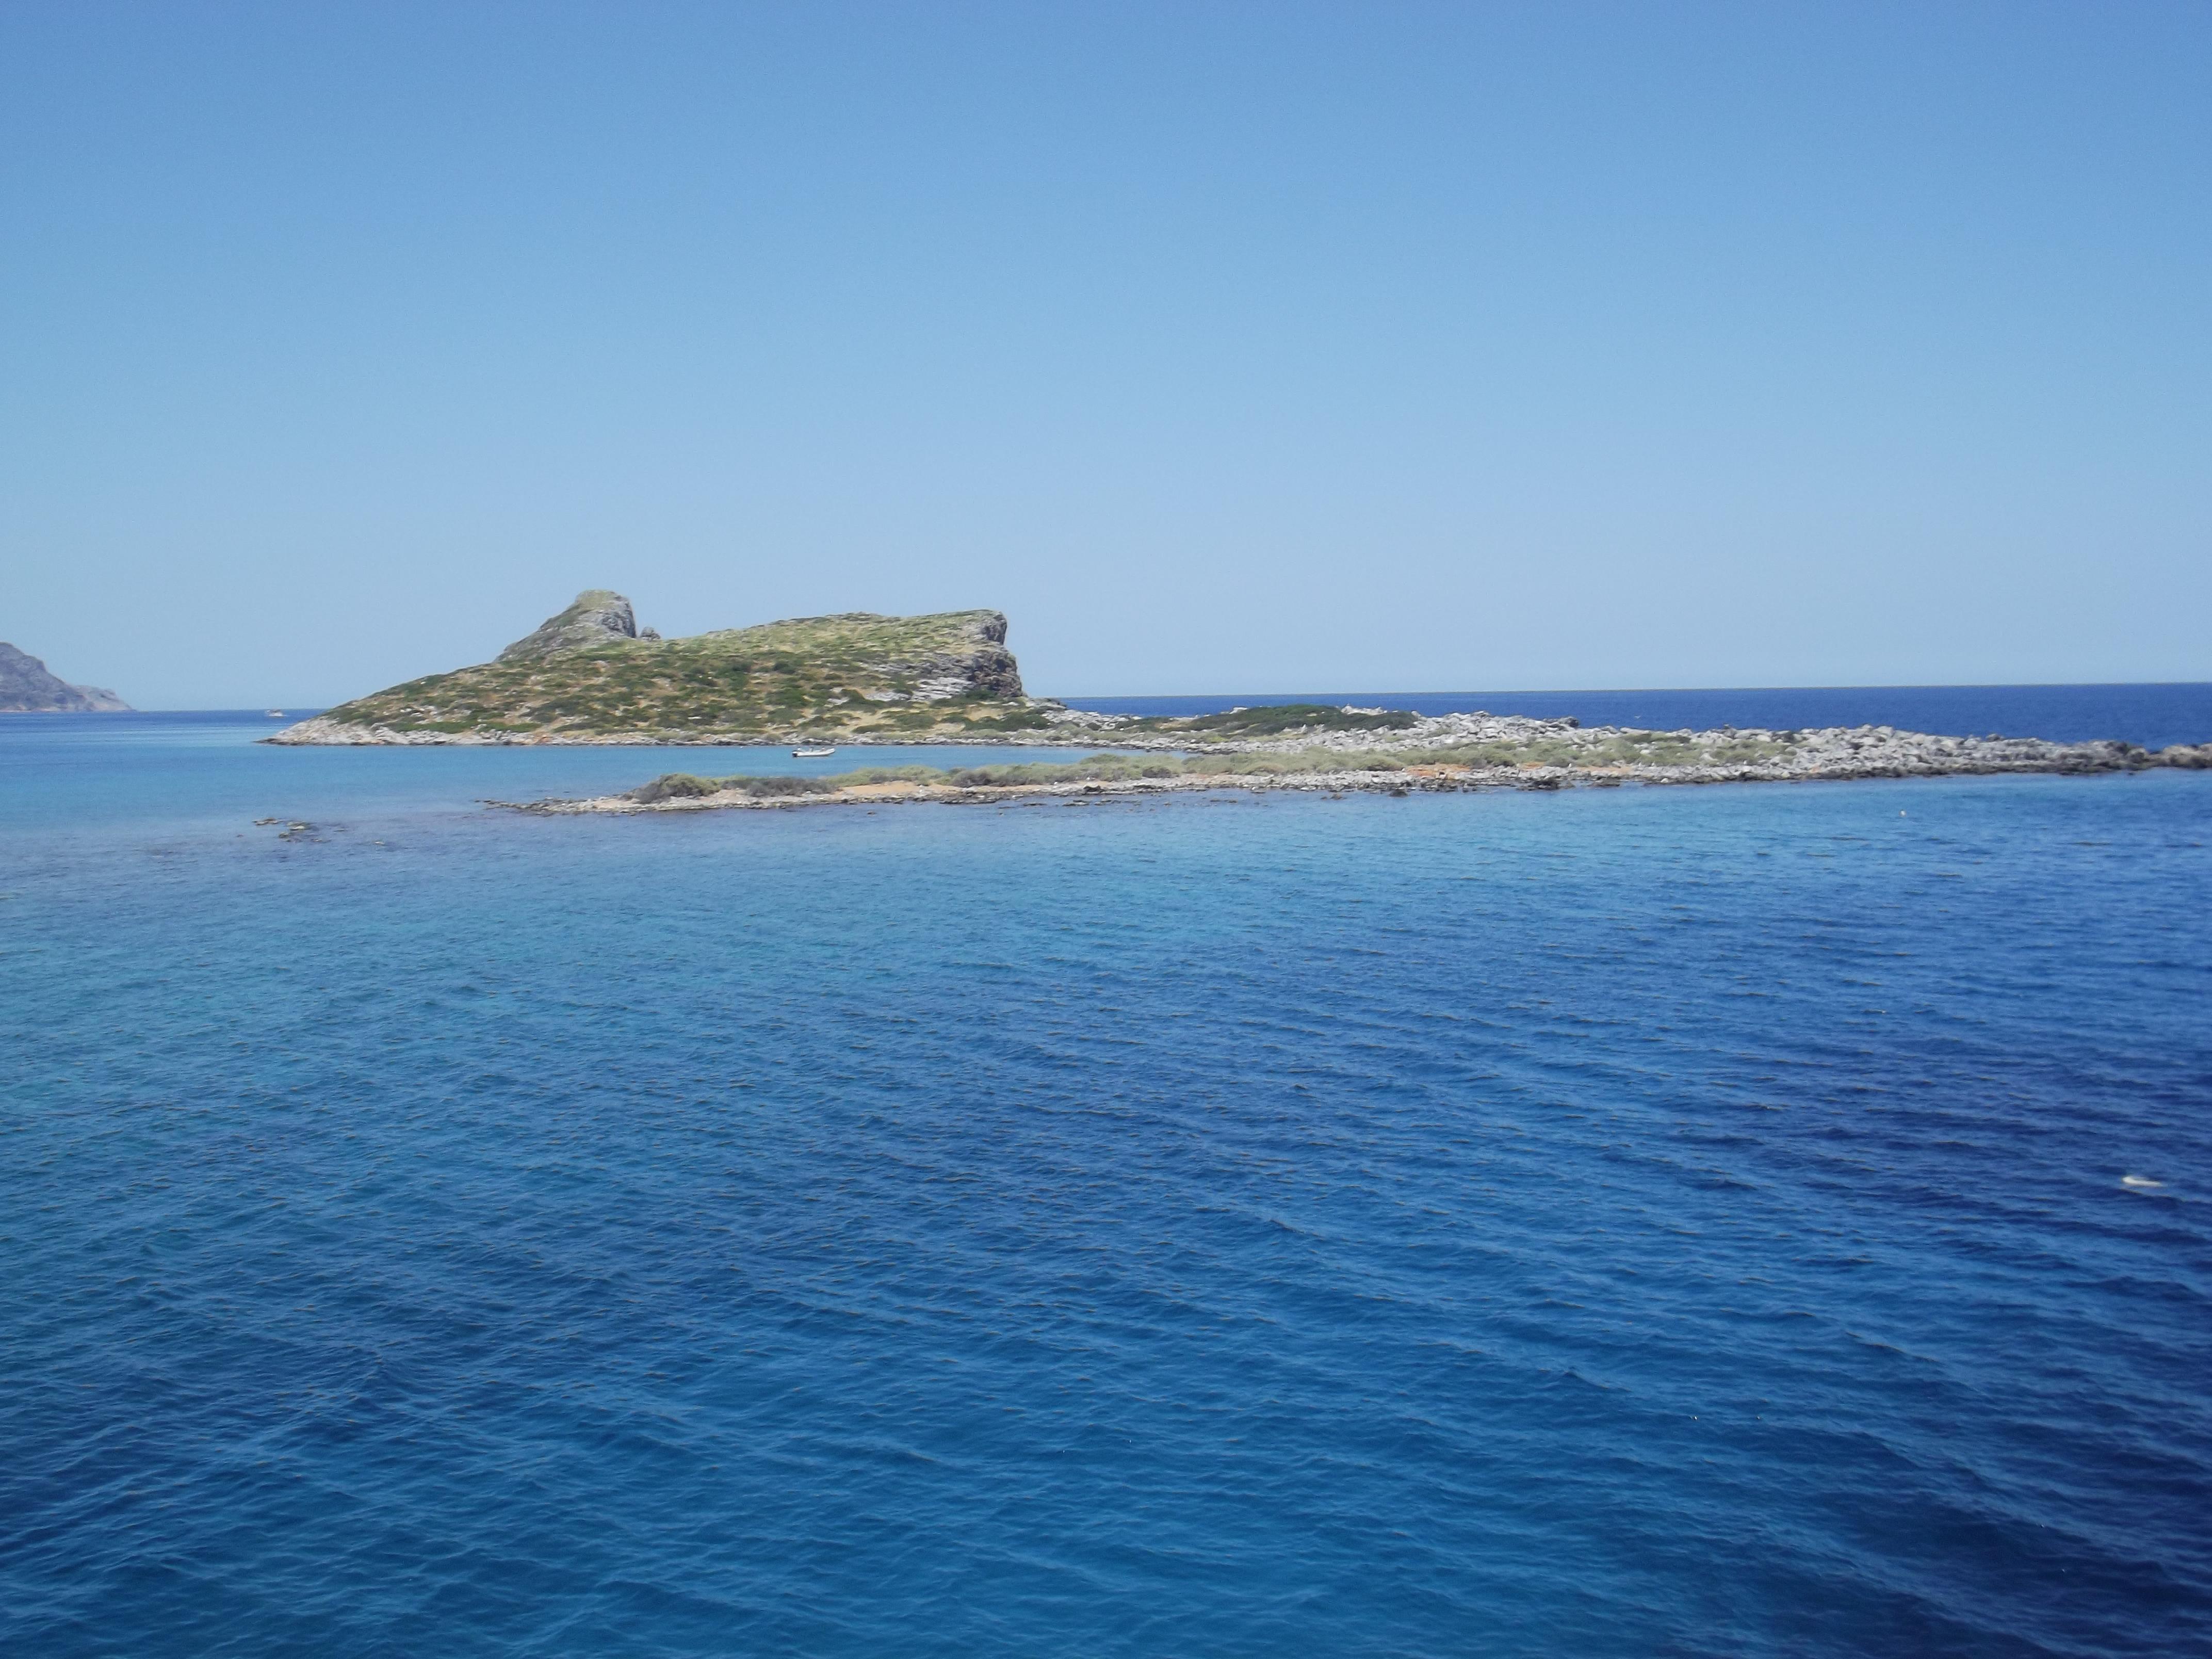 Vue sur une île près de Agios Nikolaos